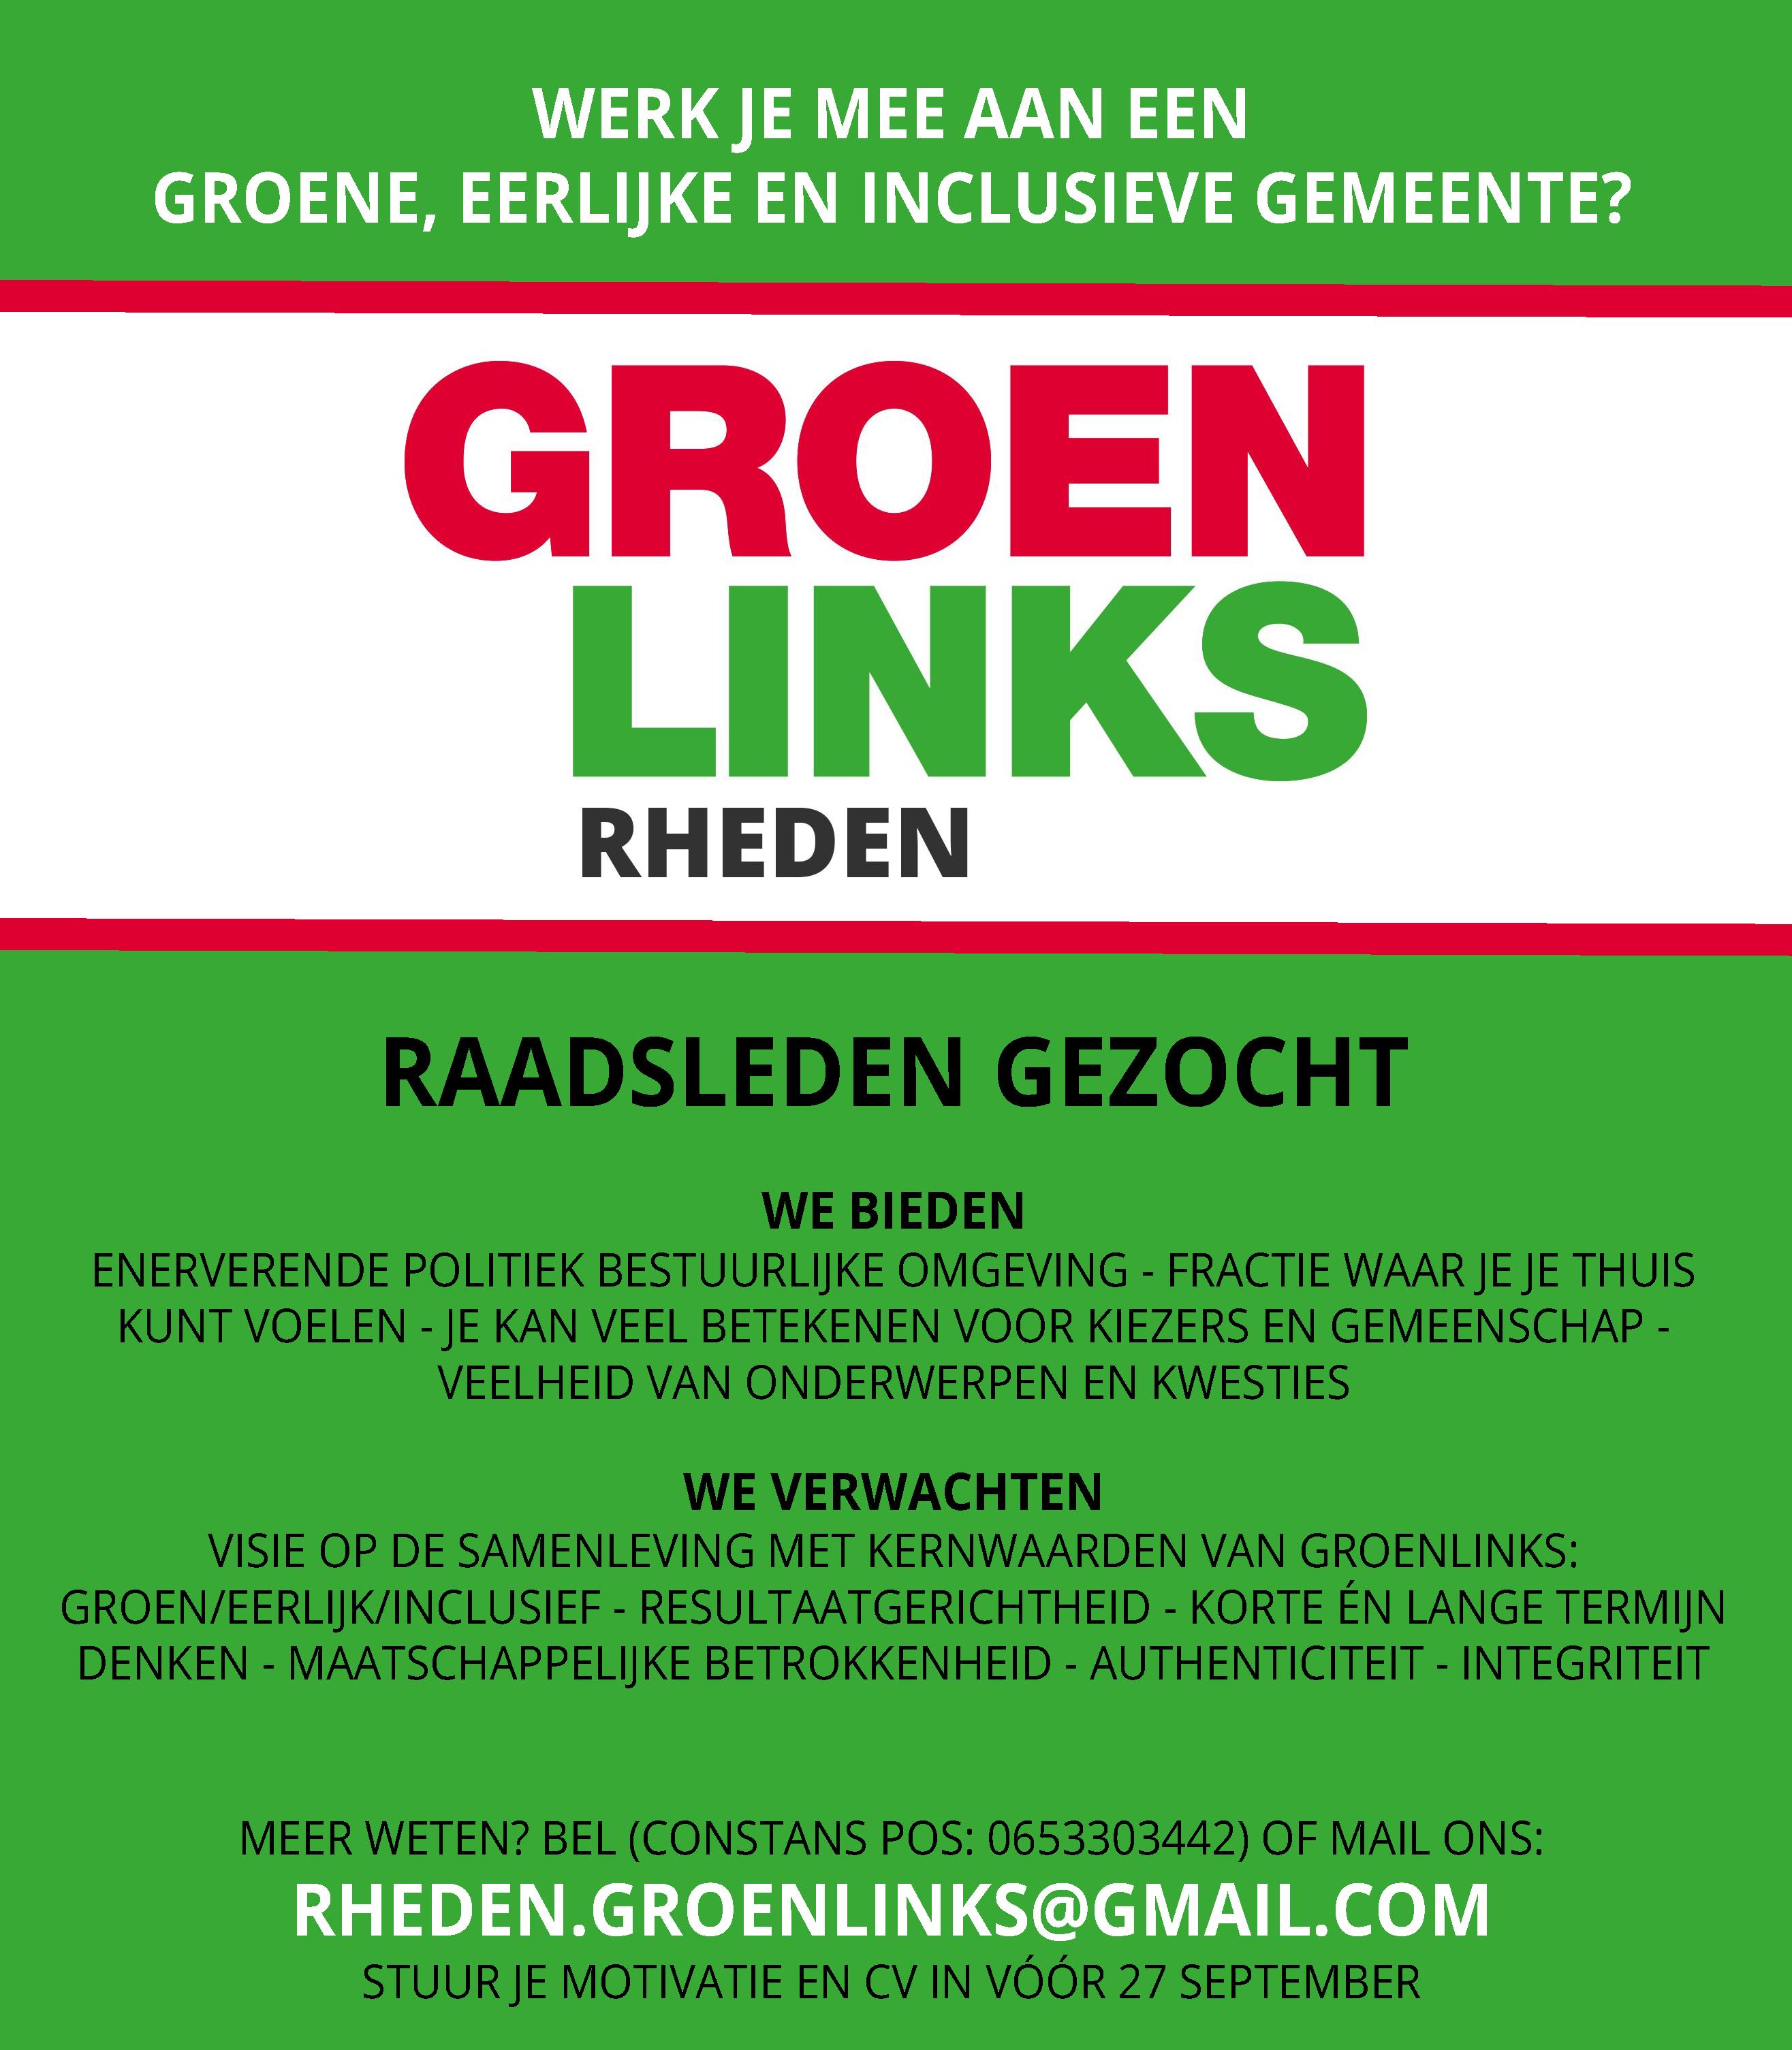 GroenLinks Rheden